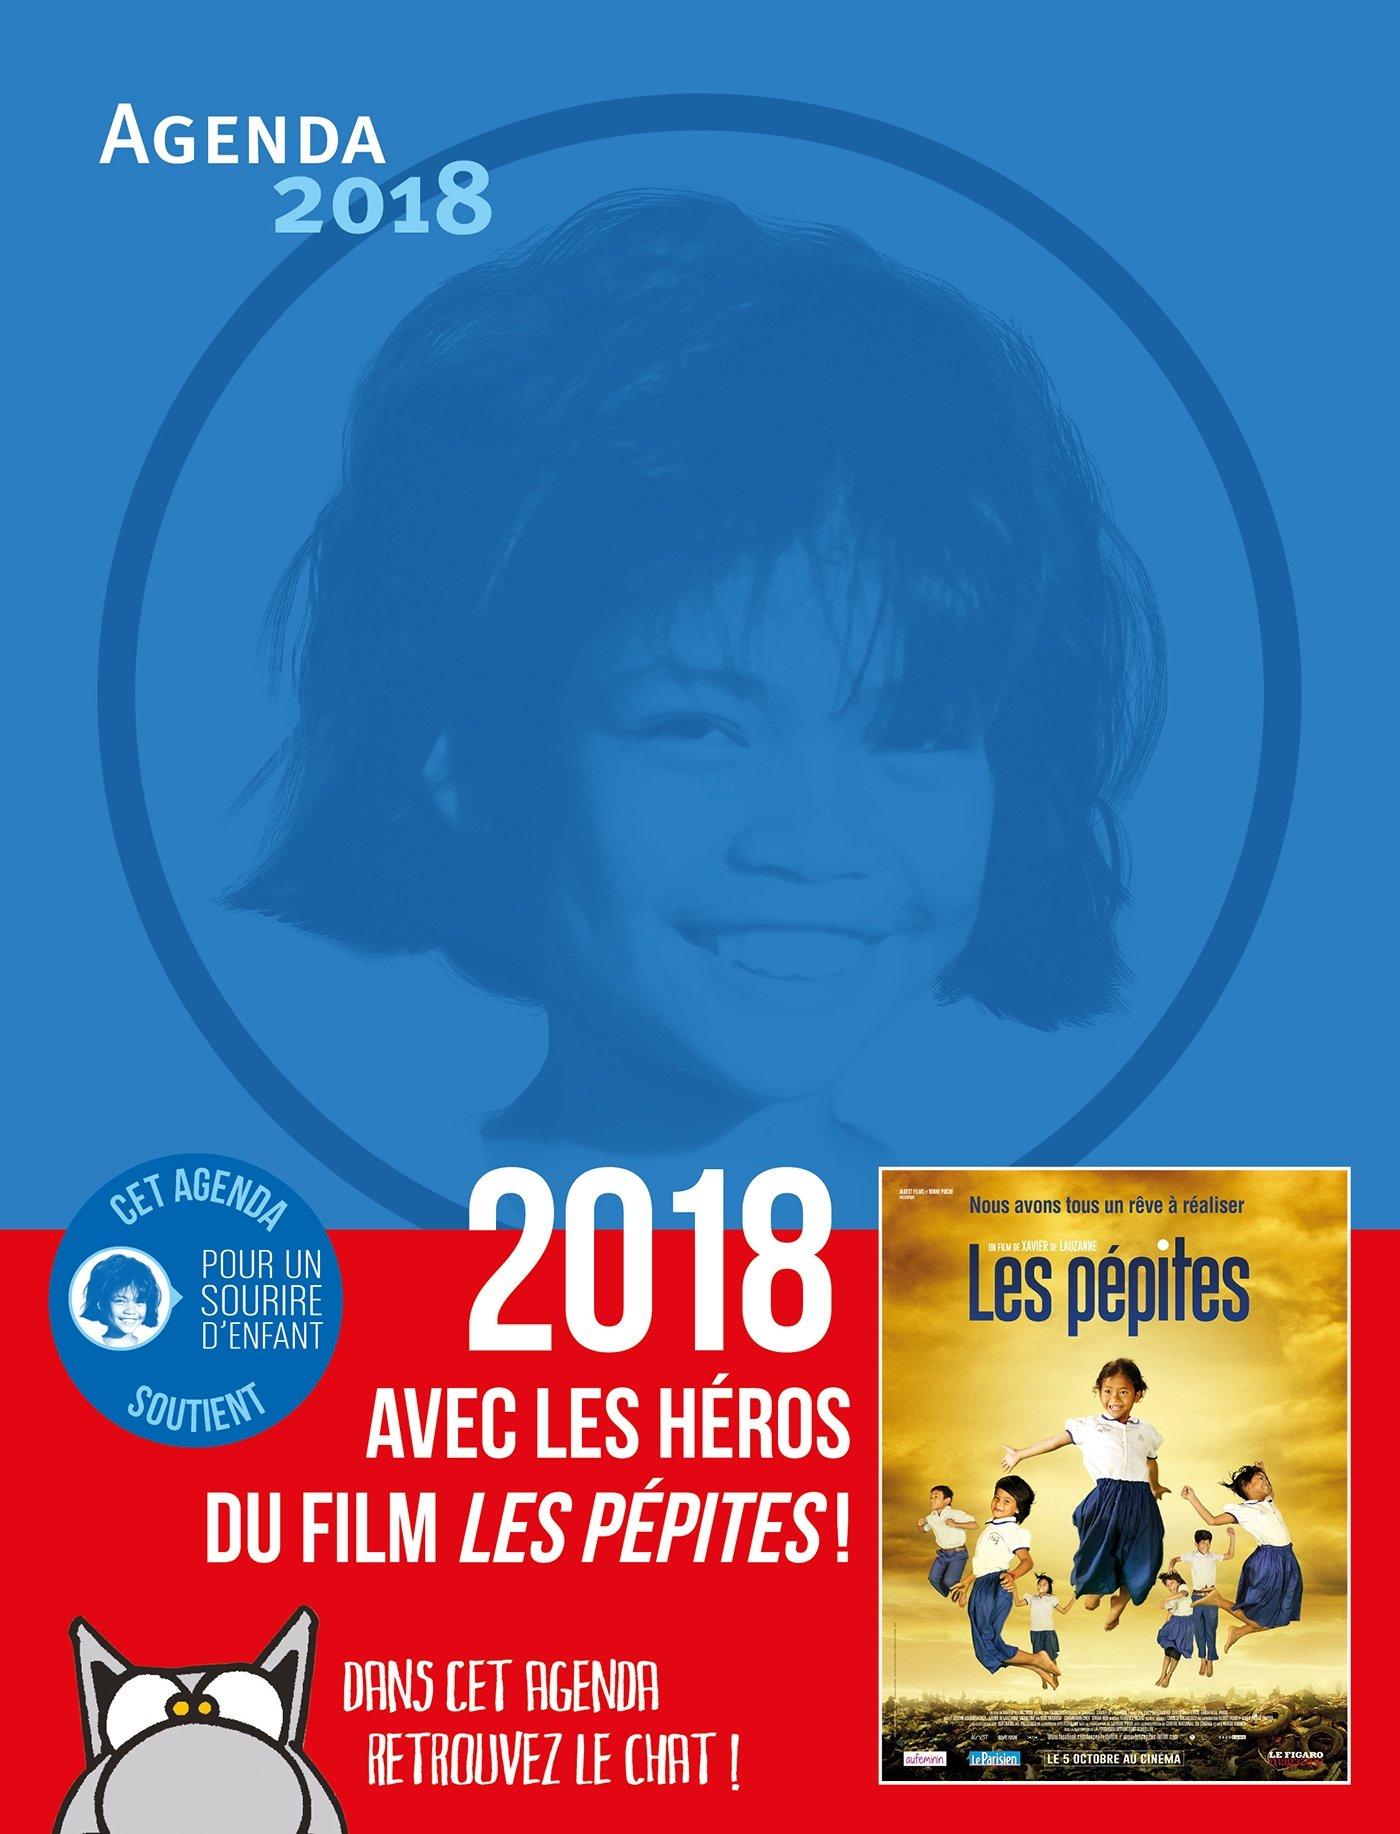 Agenda 2018 - Pour un Sourire dEnfant: 2018 avec les héros ...